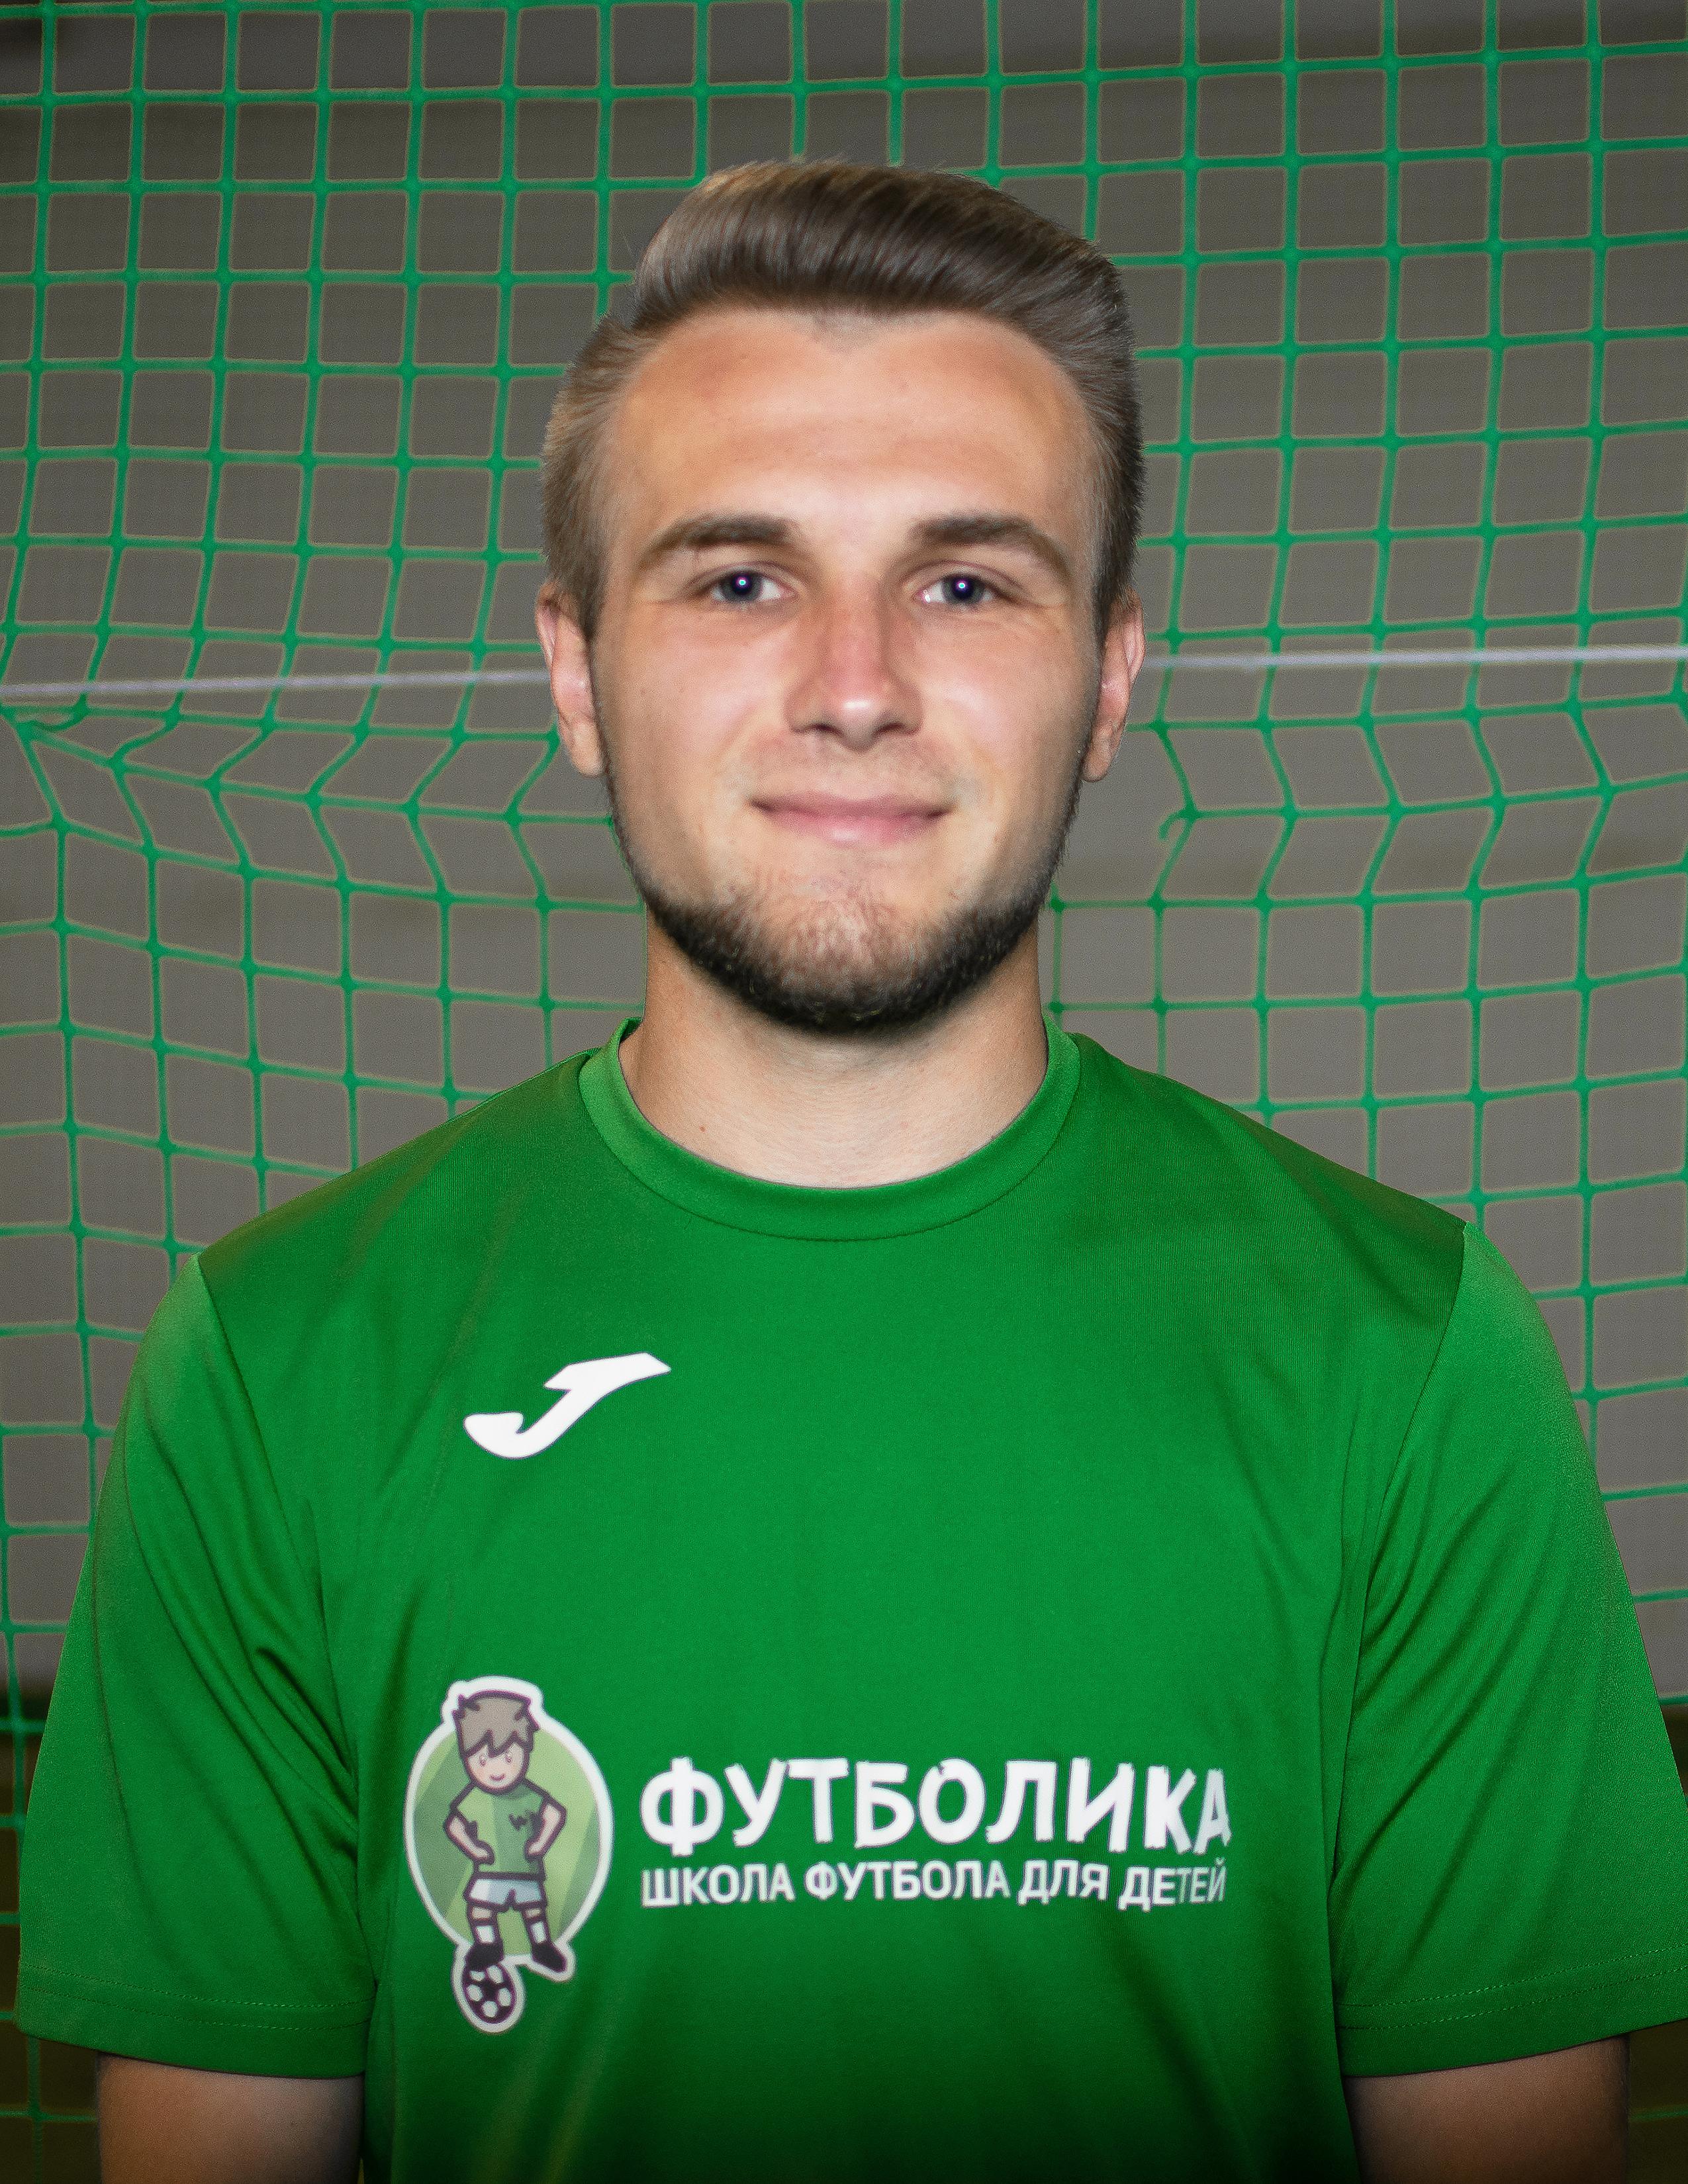 тренер футболики Сухарев Андрей